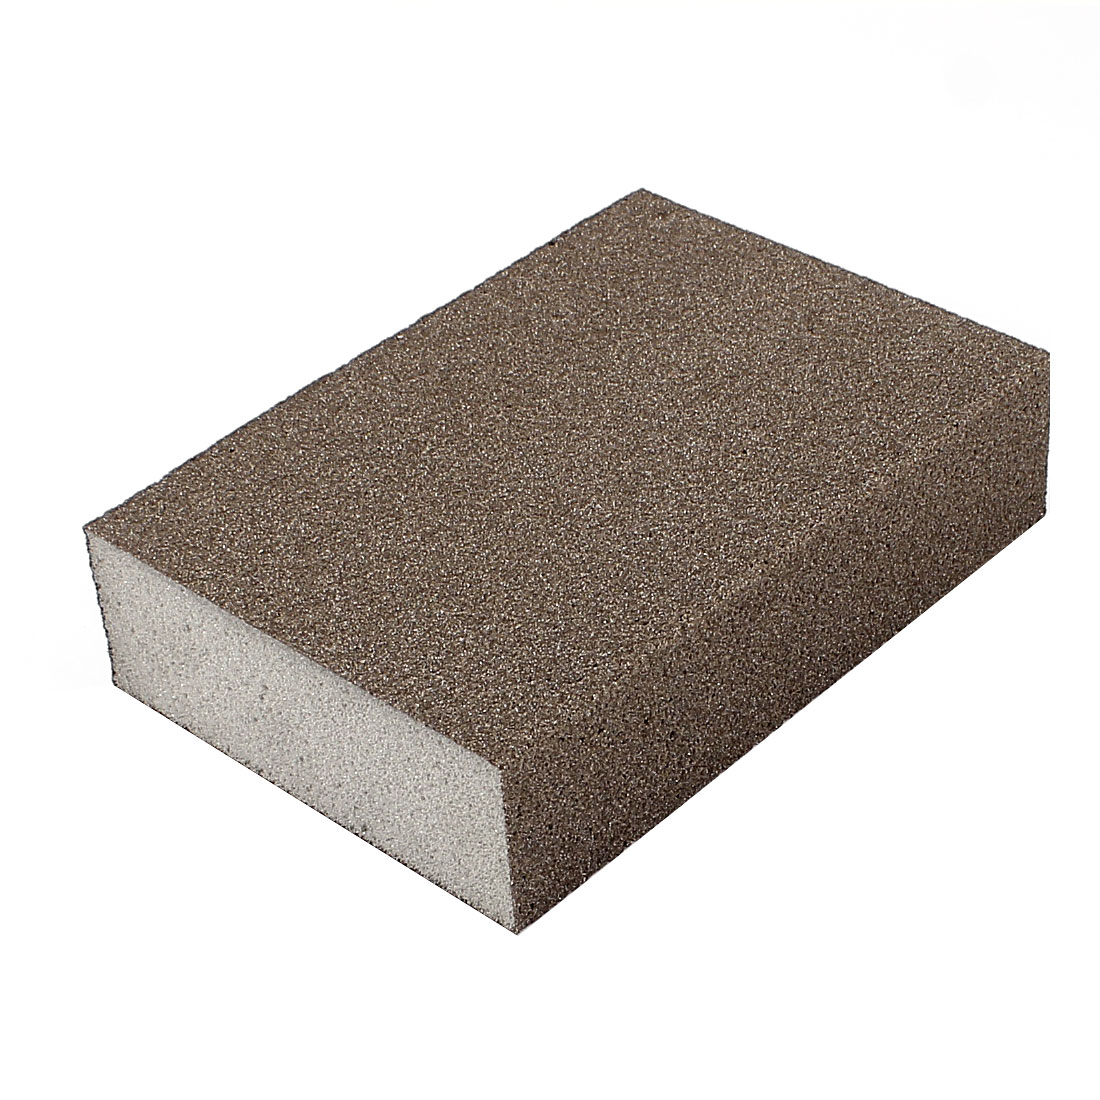 Rectangle Fine Sanding Grinding Sponge Block Brown 100mm x 70mm x 25mm